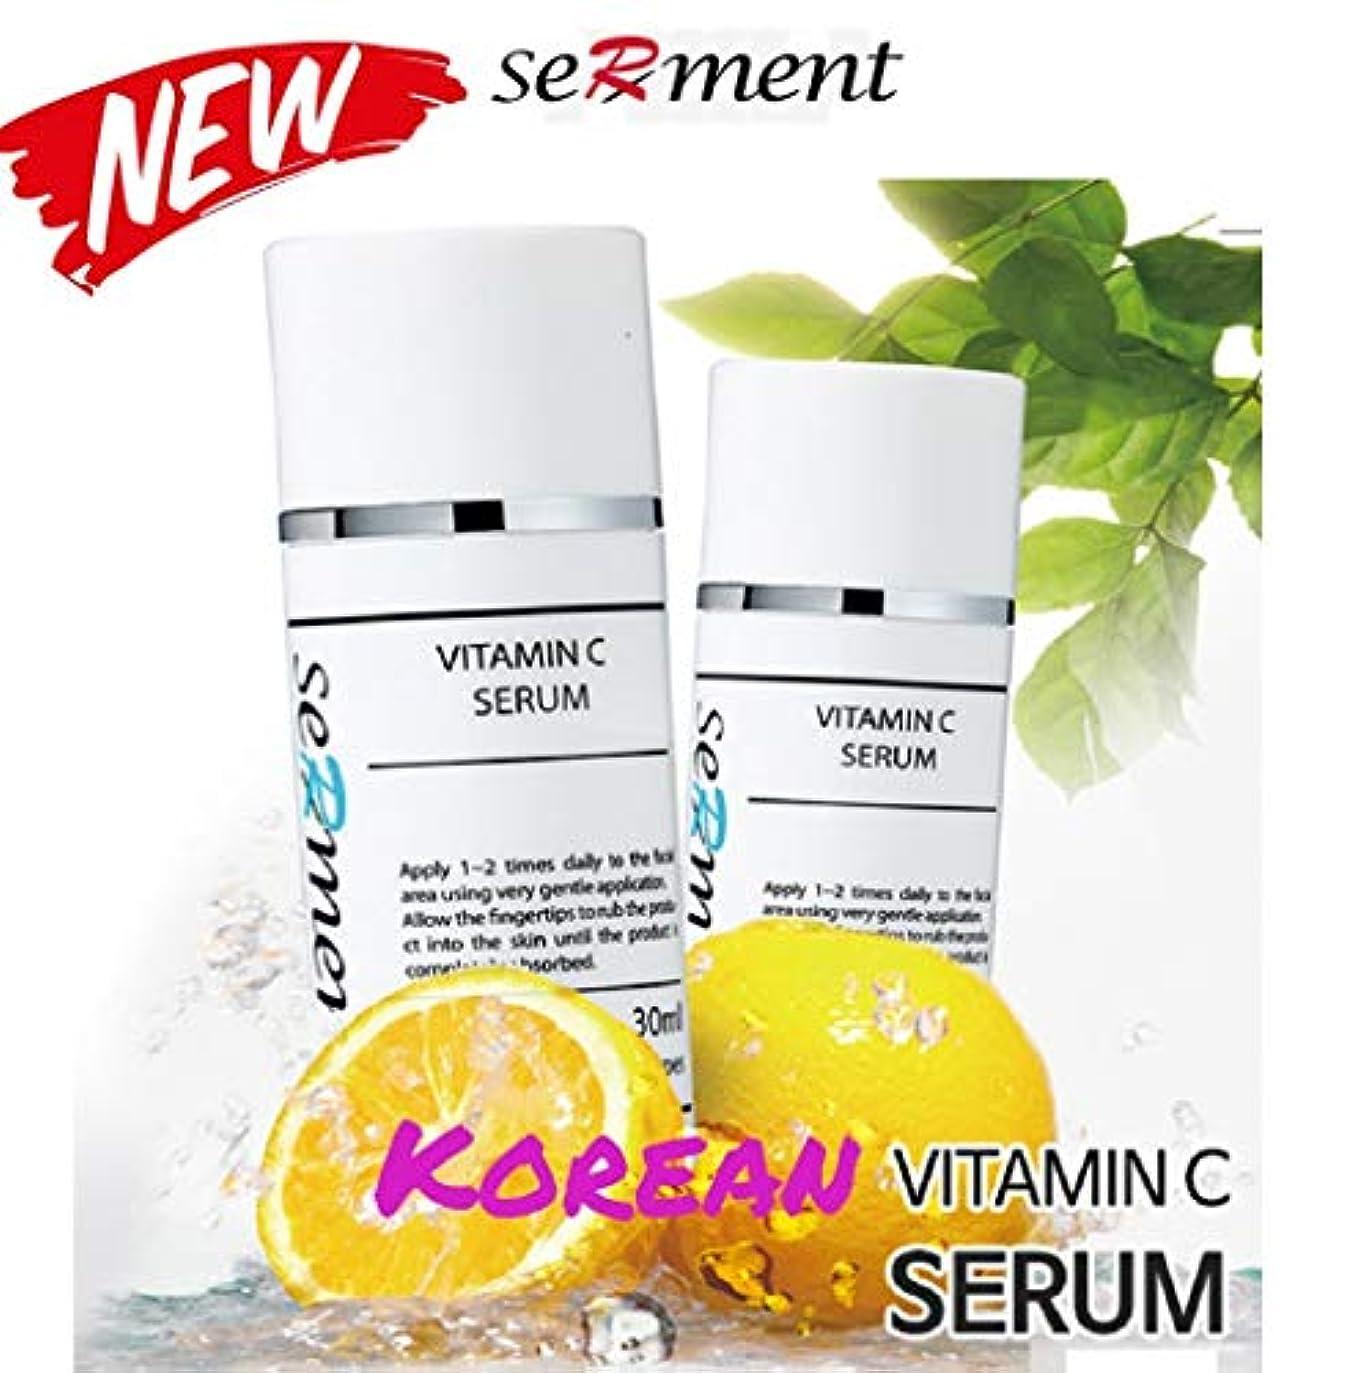 メンタリティ一方、メルボルンKorean Cosmetics Serment Vitamin C serum ビタミンC セラムアスコルビン酸10ビタミン植物抽出物、ASL吸収、ブライトニング効果 韓国化粧品 [海外直送品] [並行輸入品]